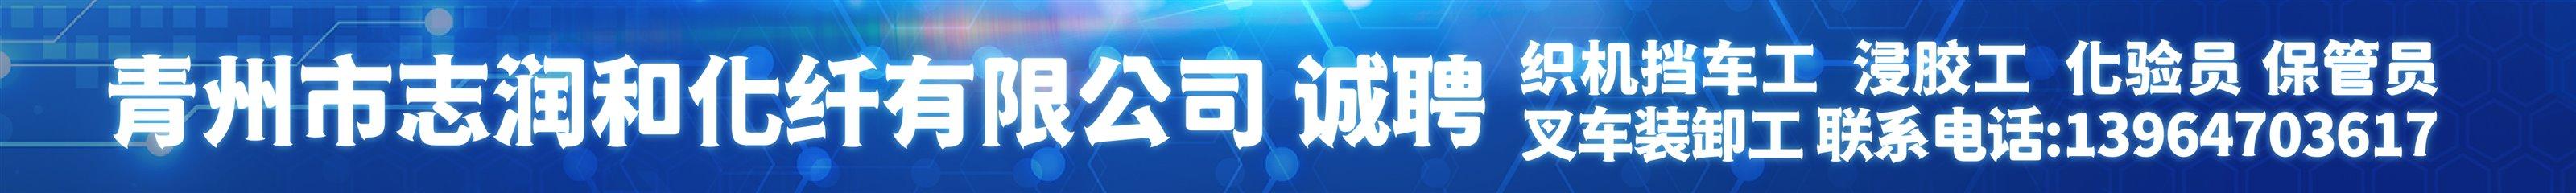 青州市志潤和化纖有限公司